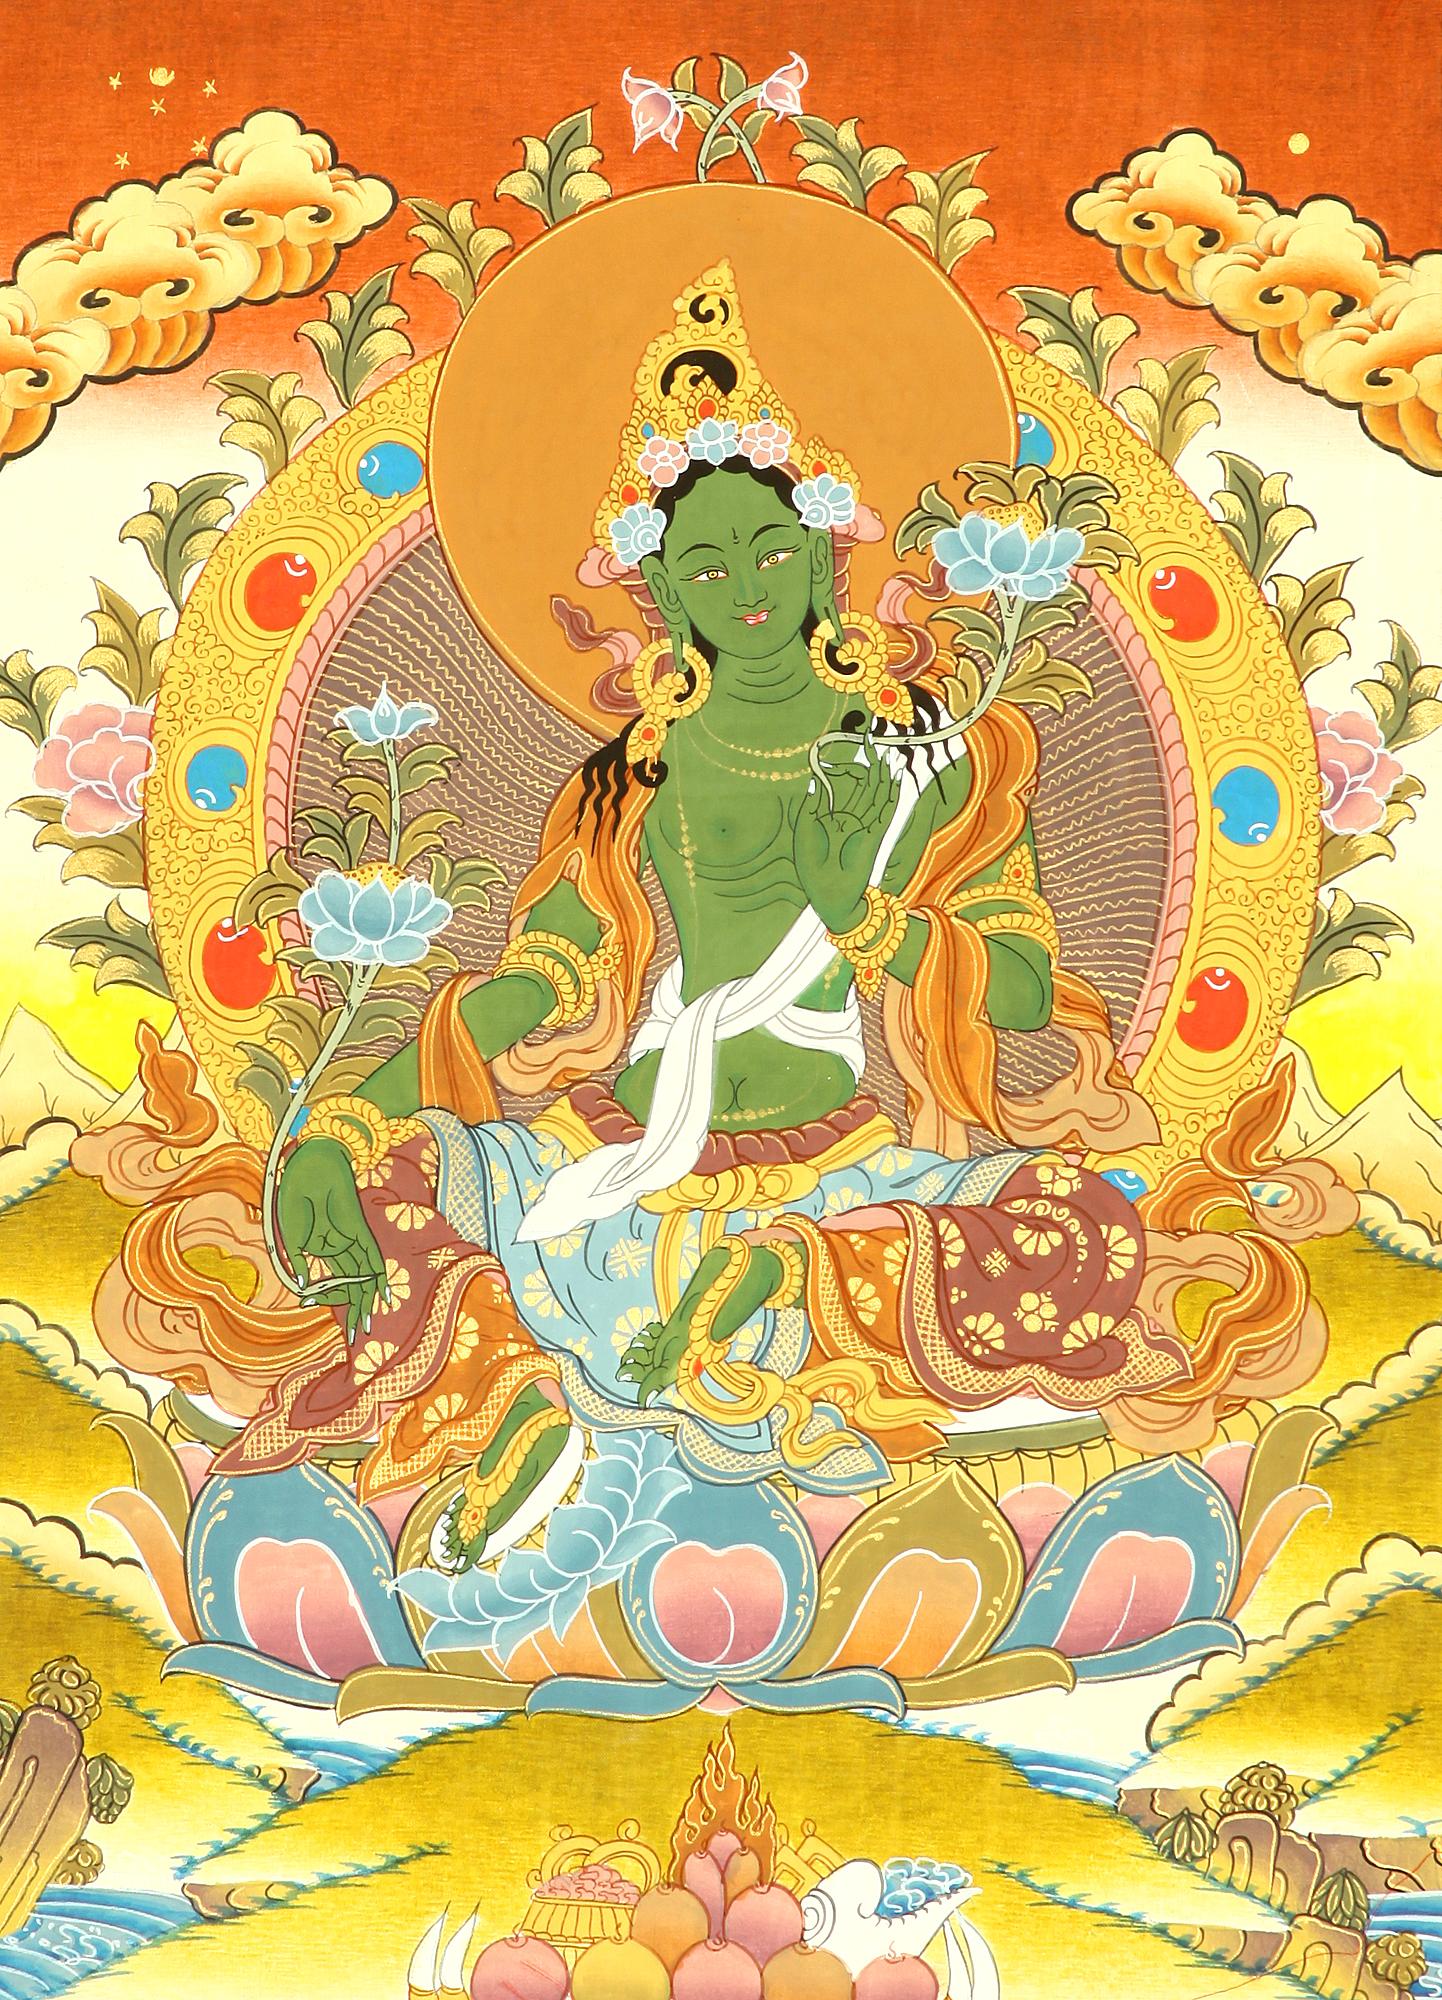 Savior Goddess Green Tara